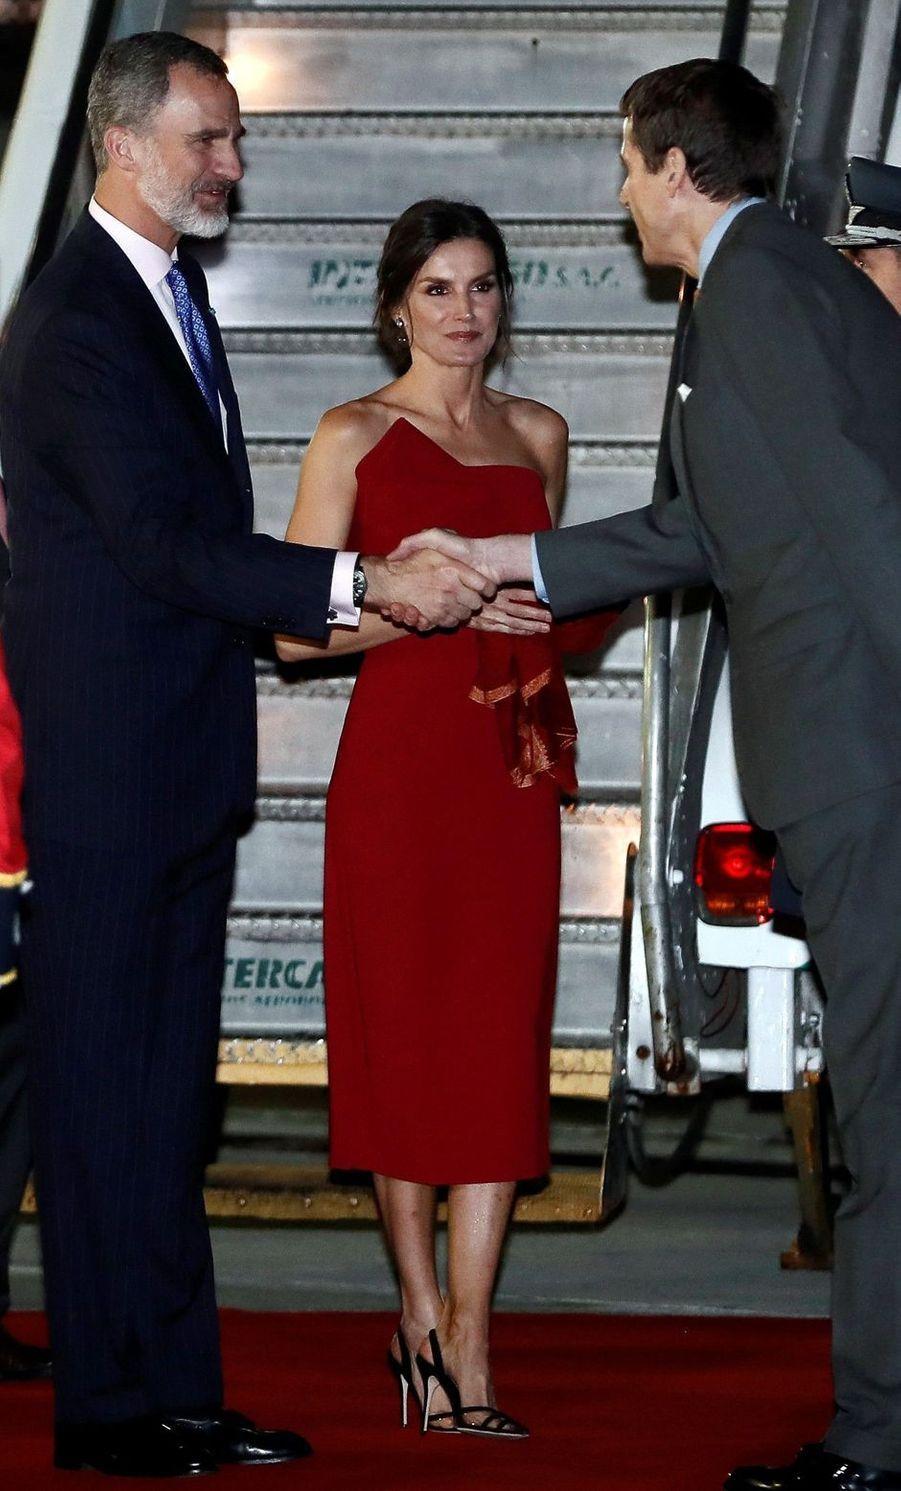 La reine Letizia et le roi Felipe VI d'Espagne à leur arrivée à Cordoba, le 26 mars 2019